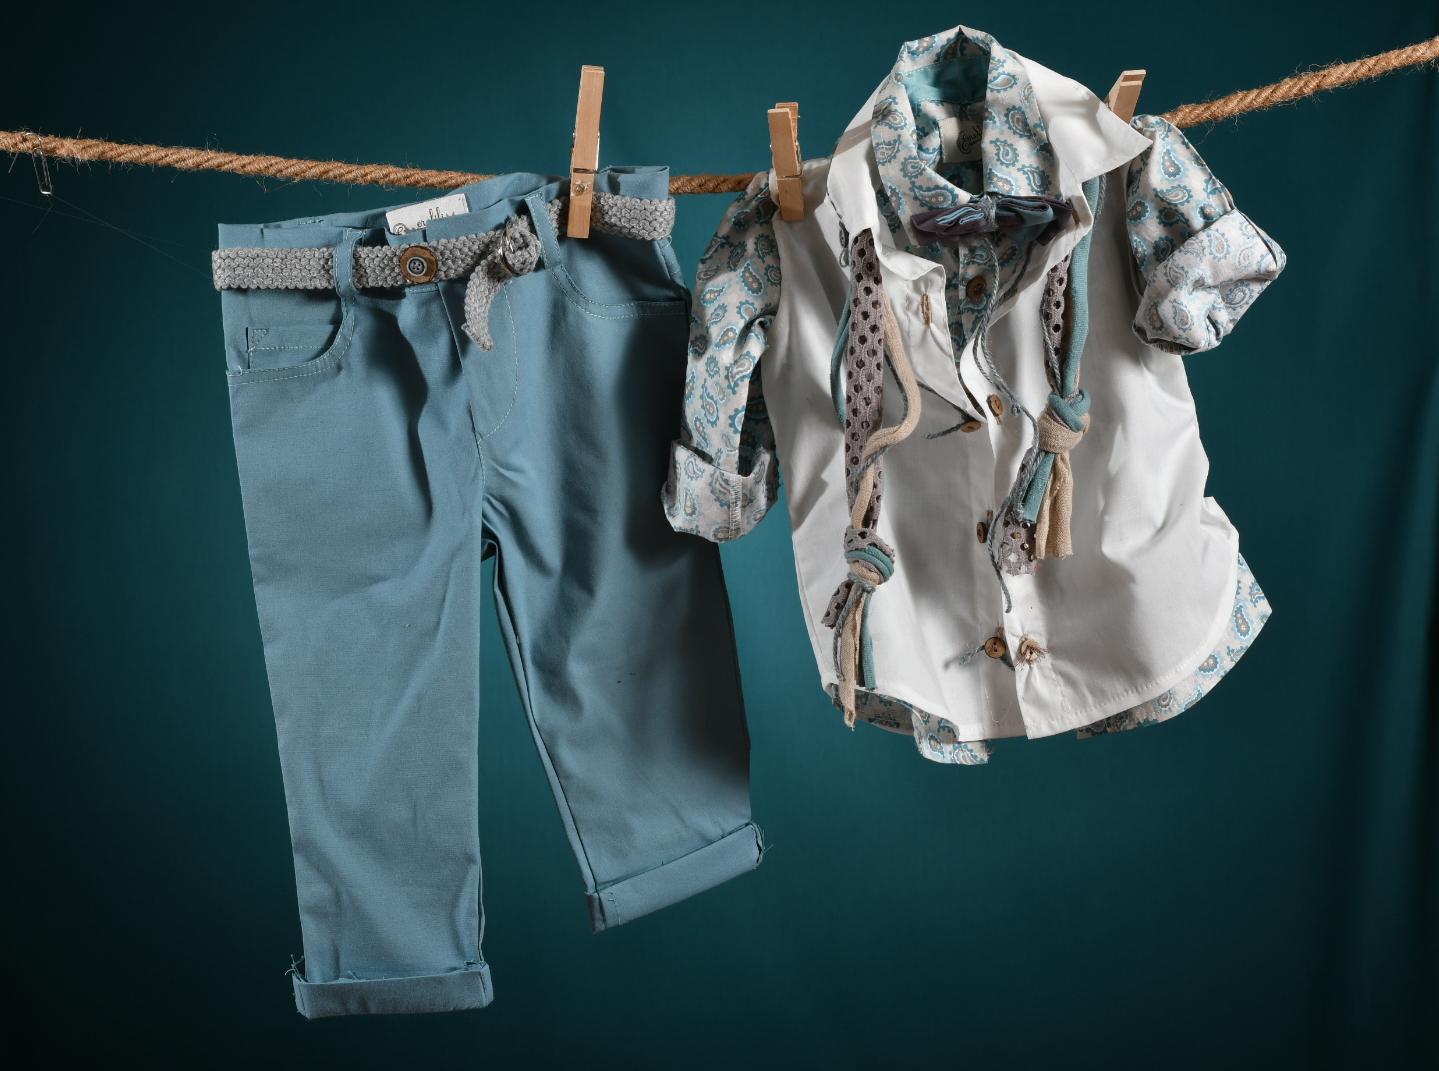 βαφτιστικά για αγόρι κοστούμι γαλάζιο μπεζ με πουκάμισο